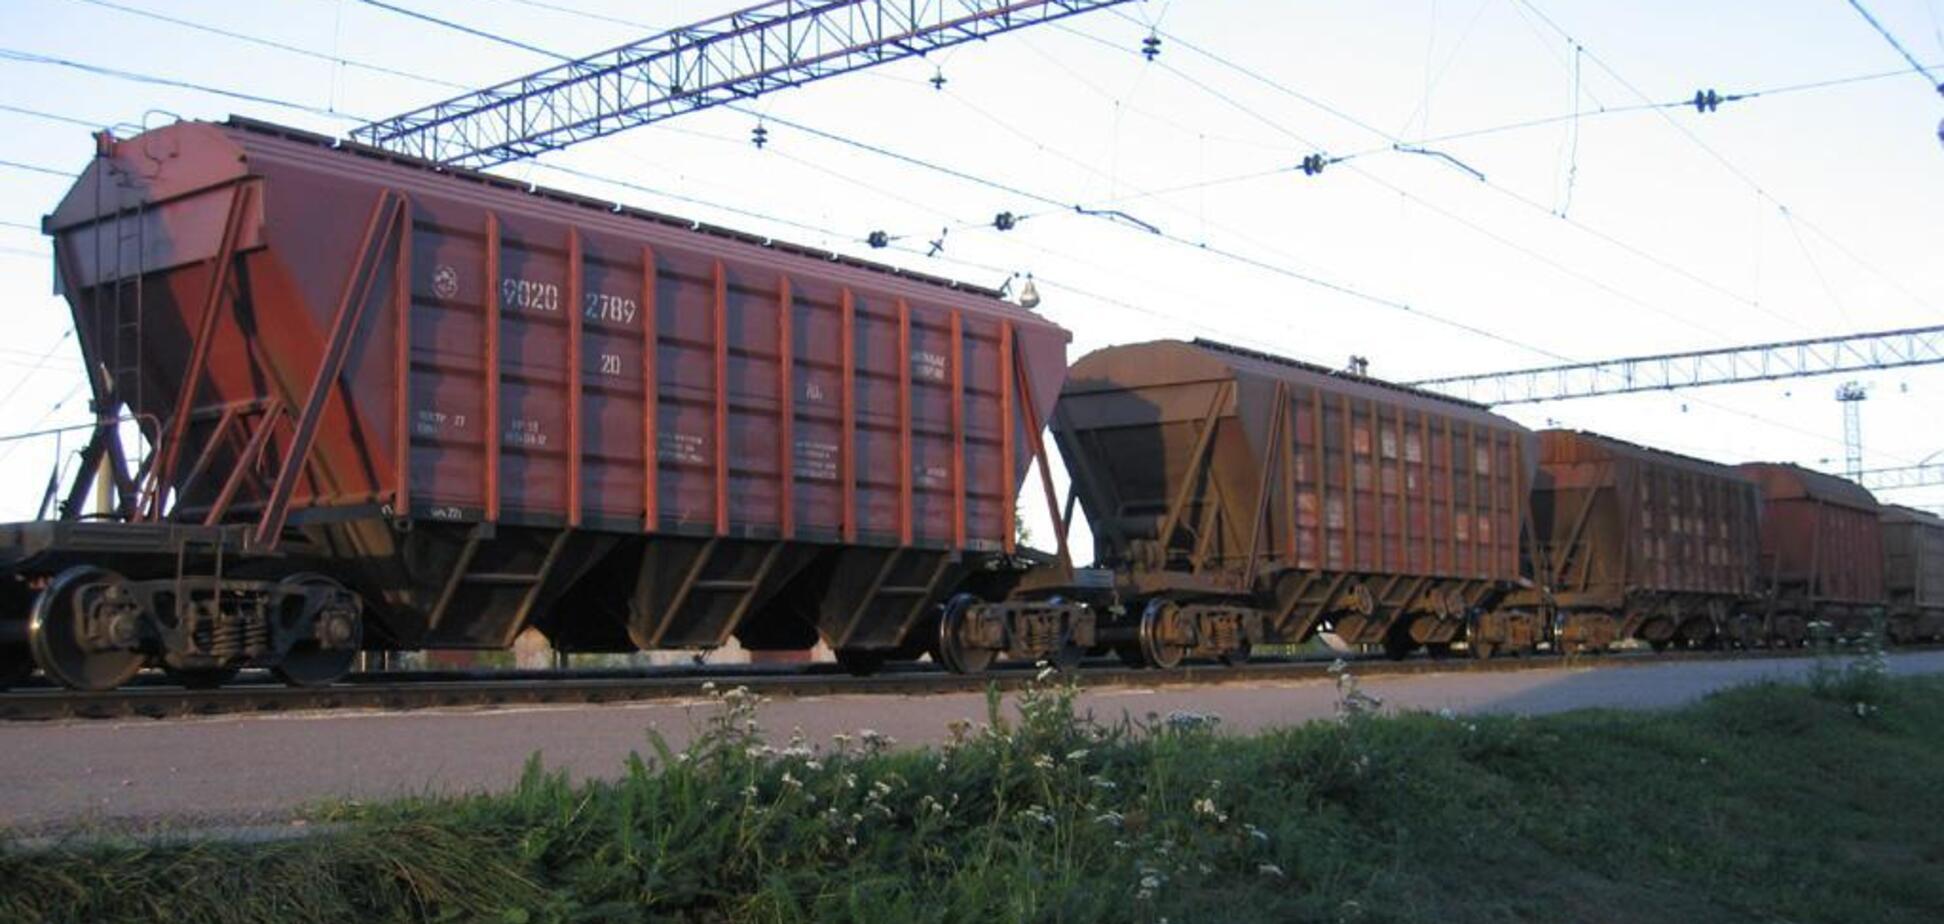 Аграрії закликали УЗ вирішити проблему з дефіцитом локомотивів